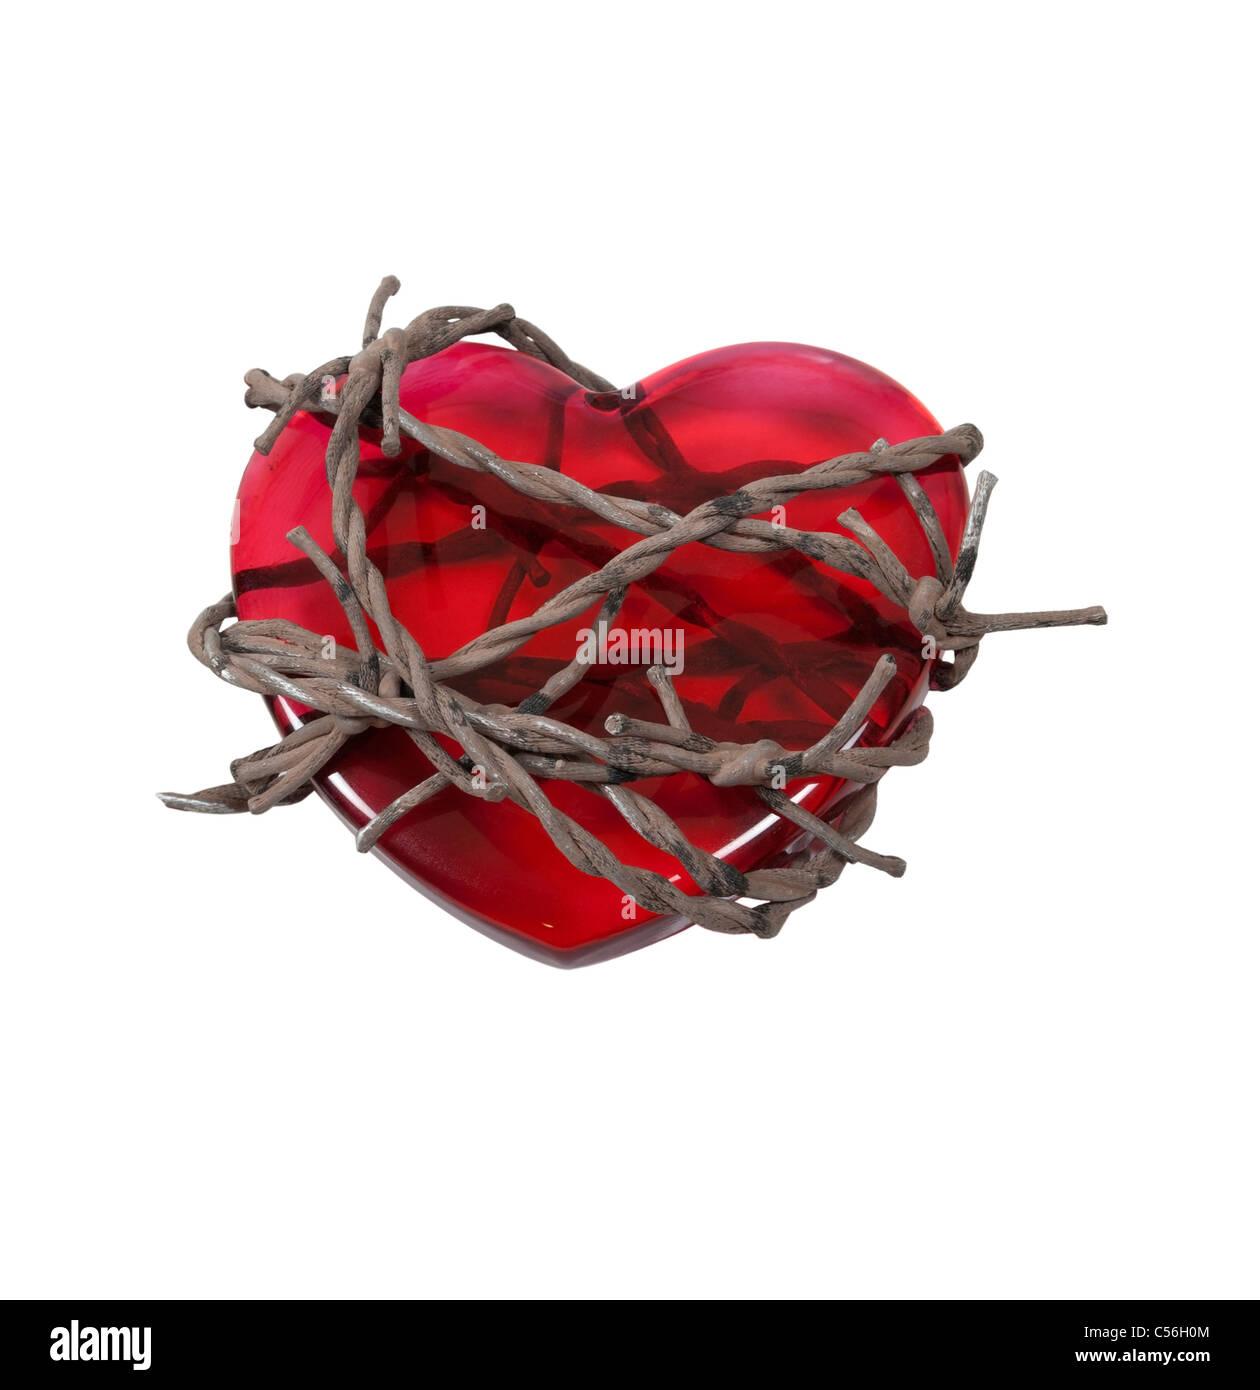 Scharfe Stacheldraht verdrahtet verwendet als Barriere gebunden um ein rotes Herz - Pfad enthalten Stockfoto